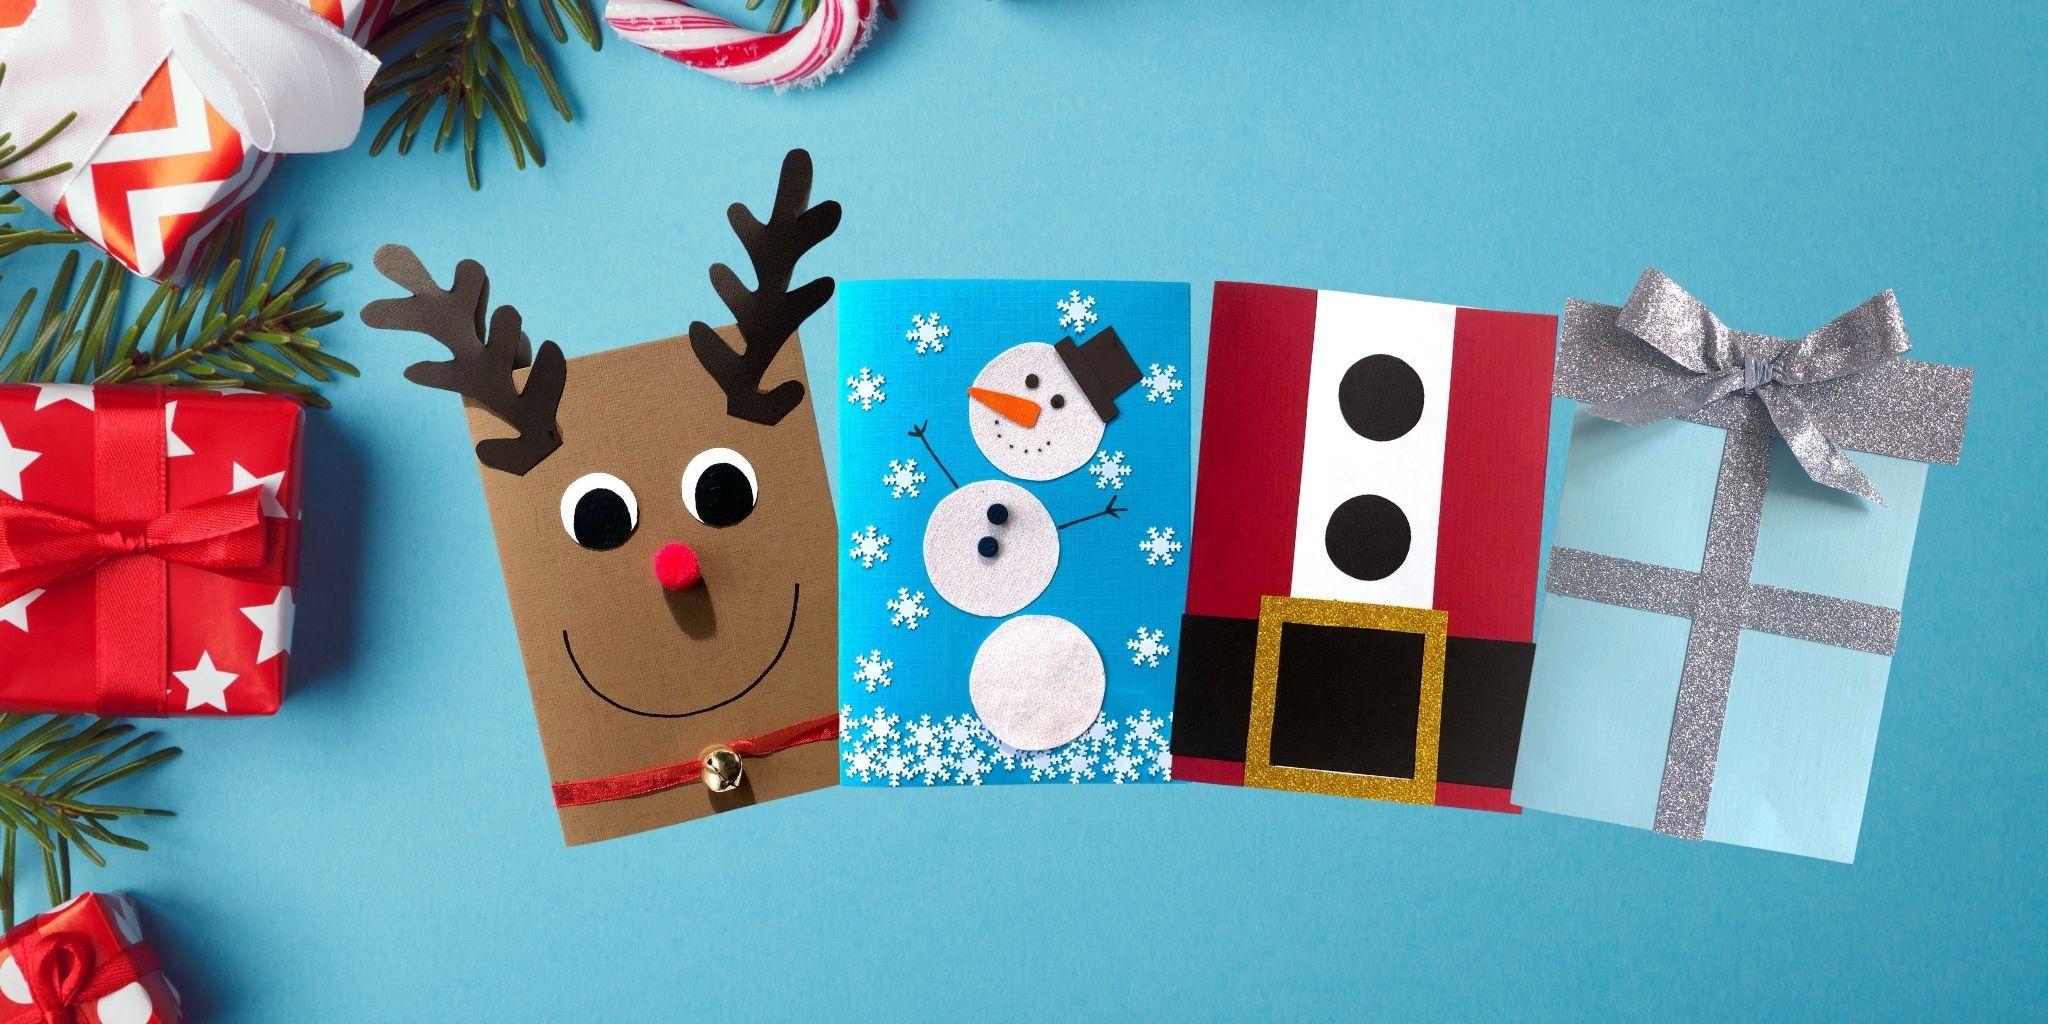 Julen är här - Enkla julpyssel och recept för barn